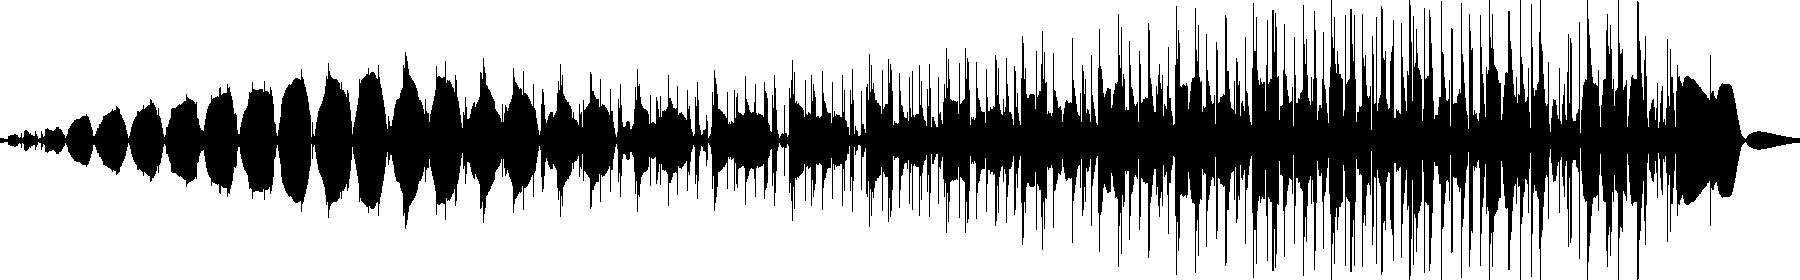 veh2 synths   095 c